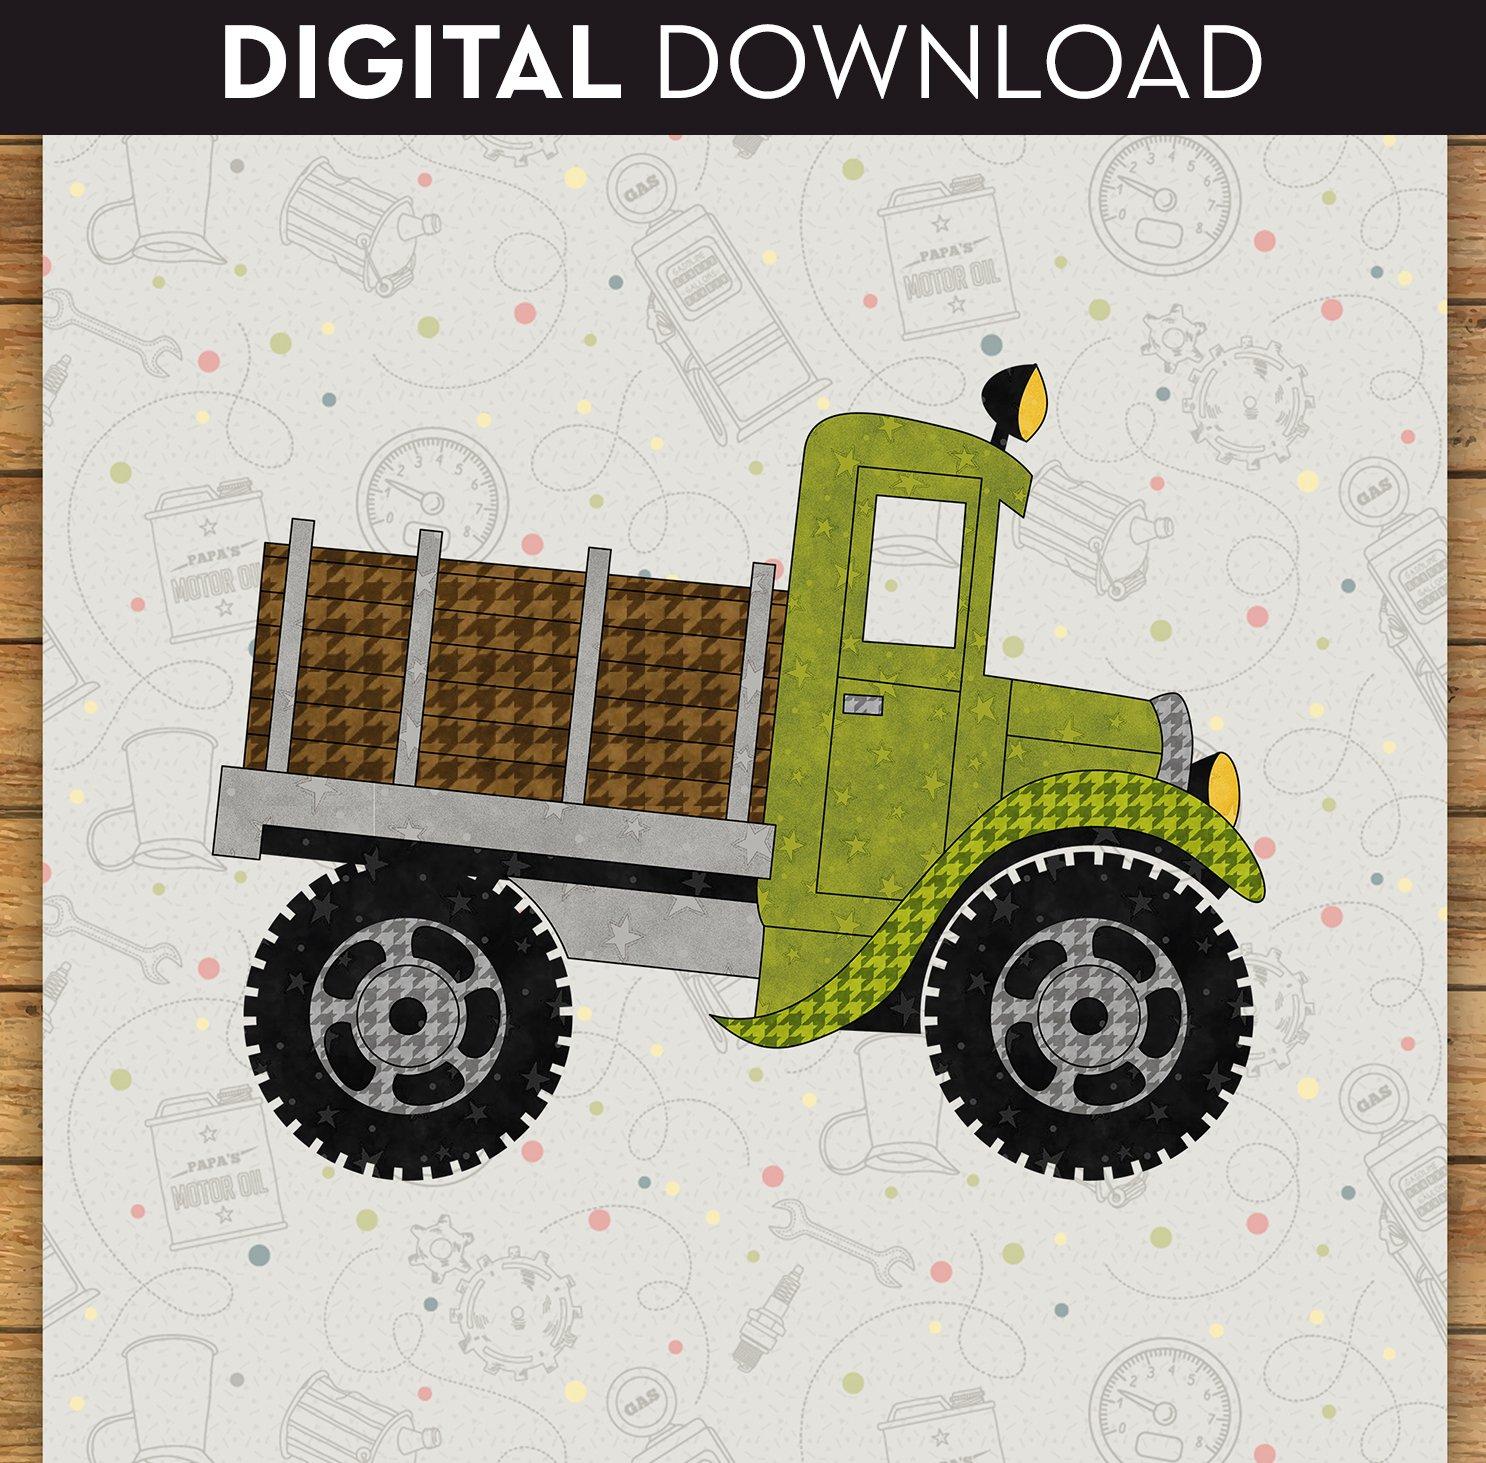 Monster Truck - Download